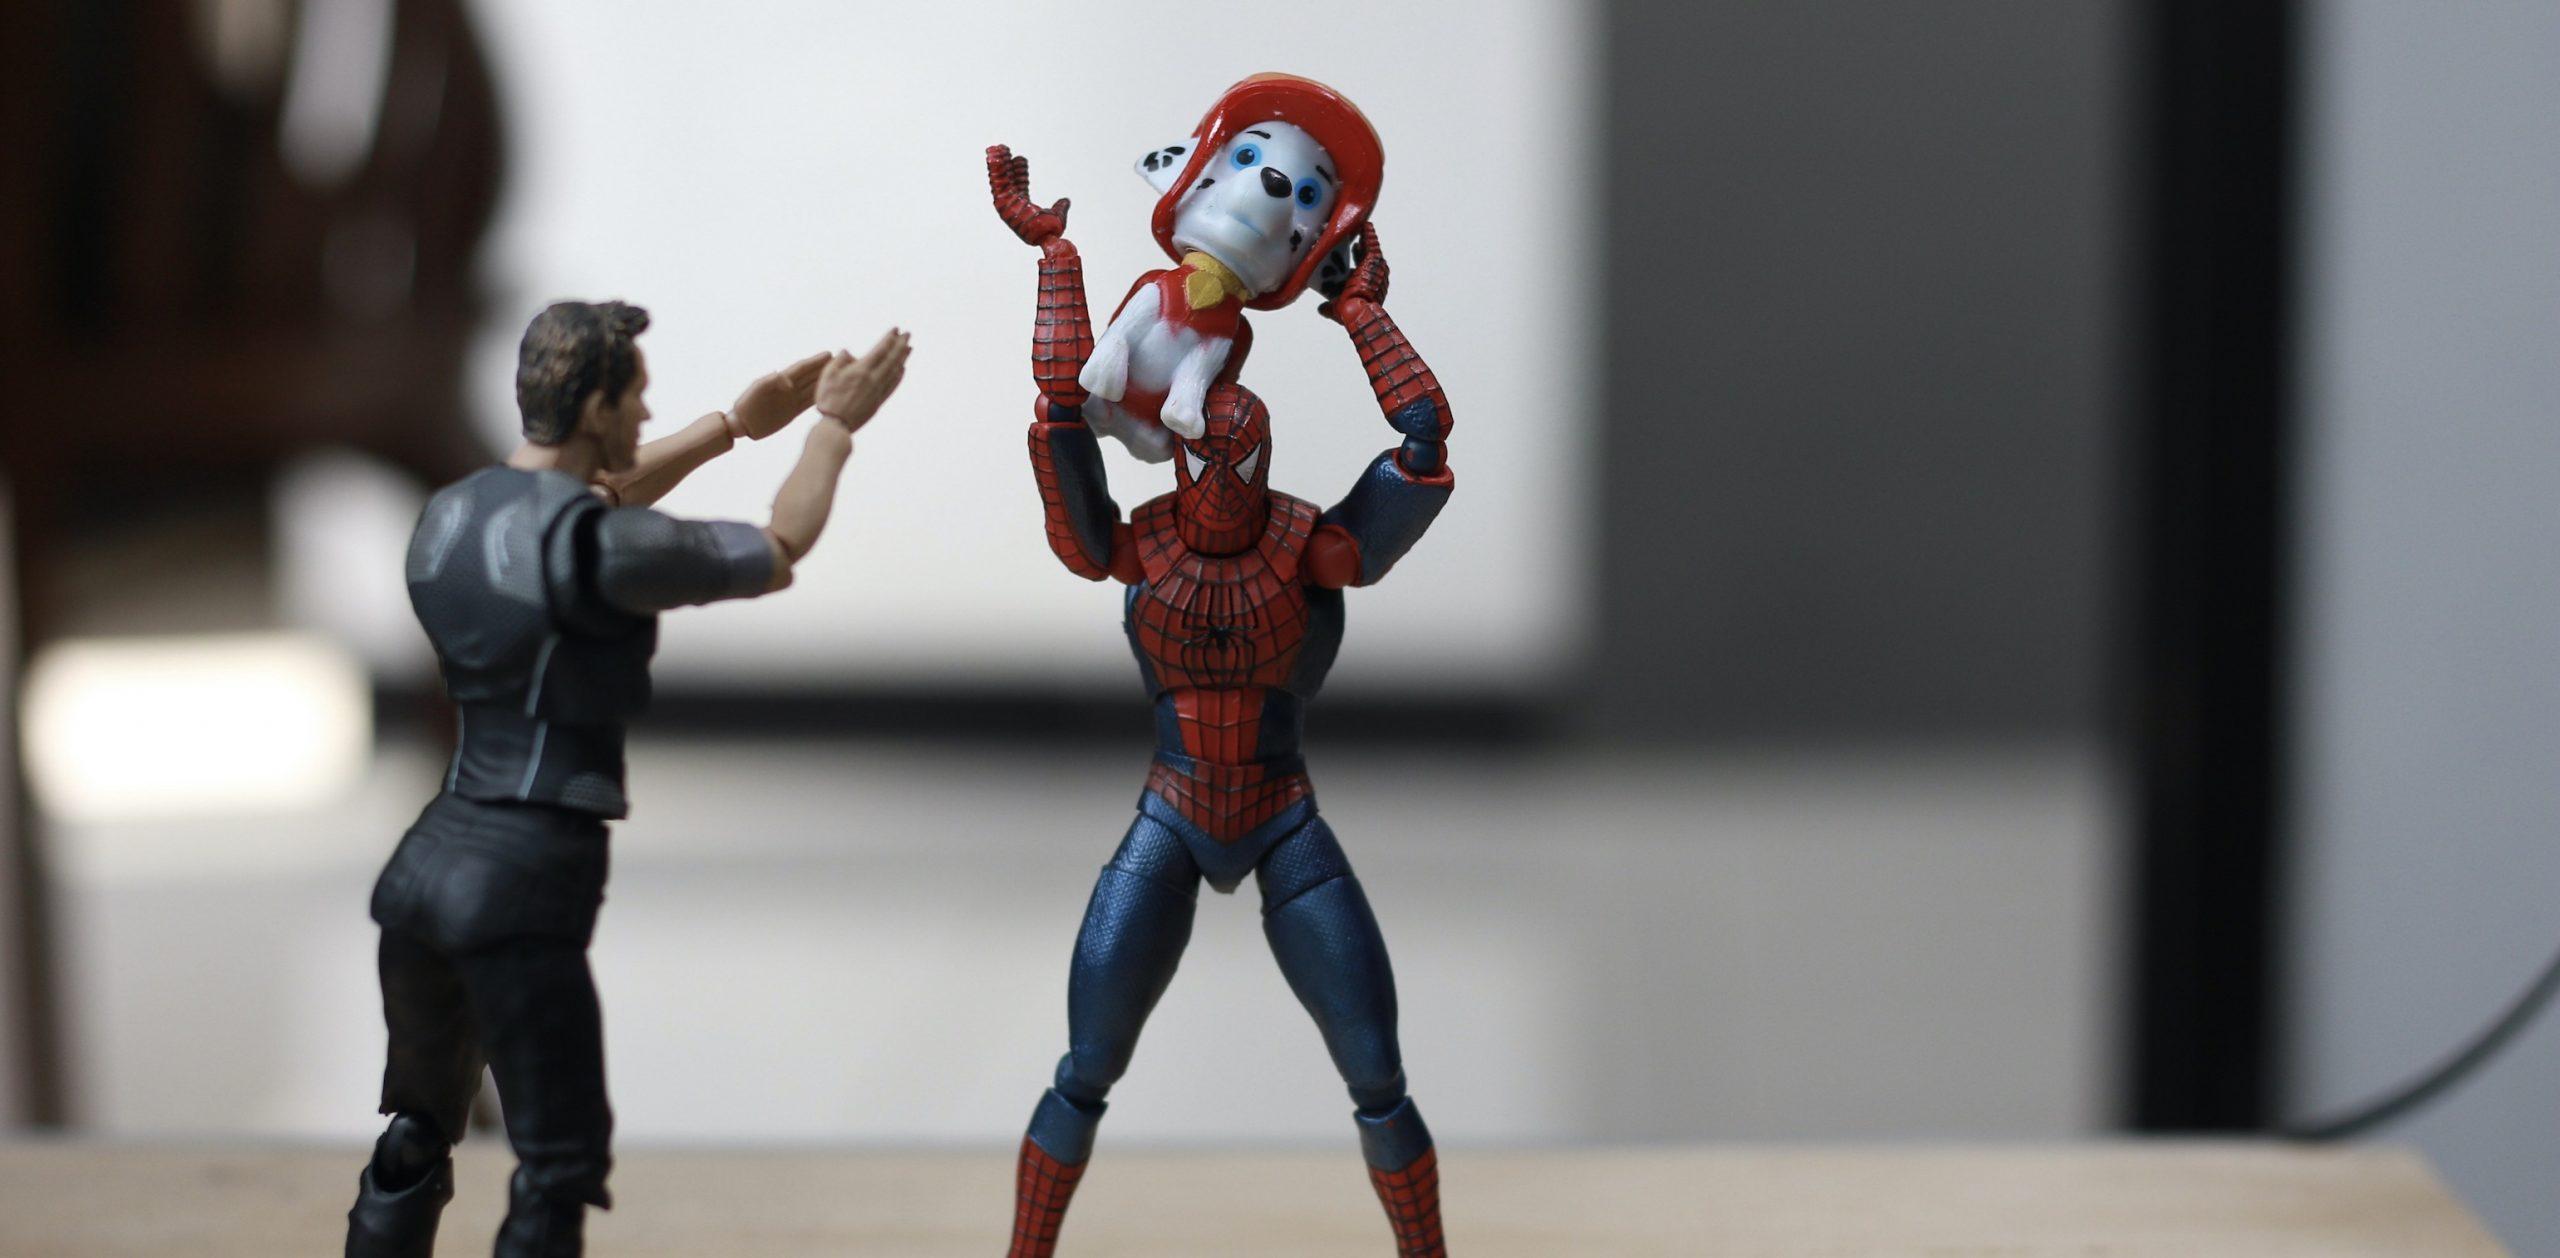 20 süße Bilder von Spiderman, umgeben von Tierbabys!